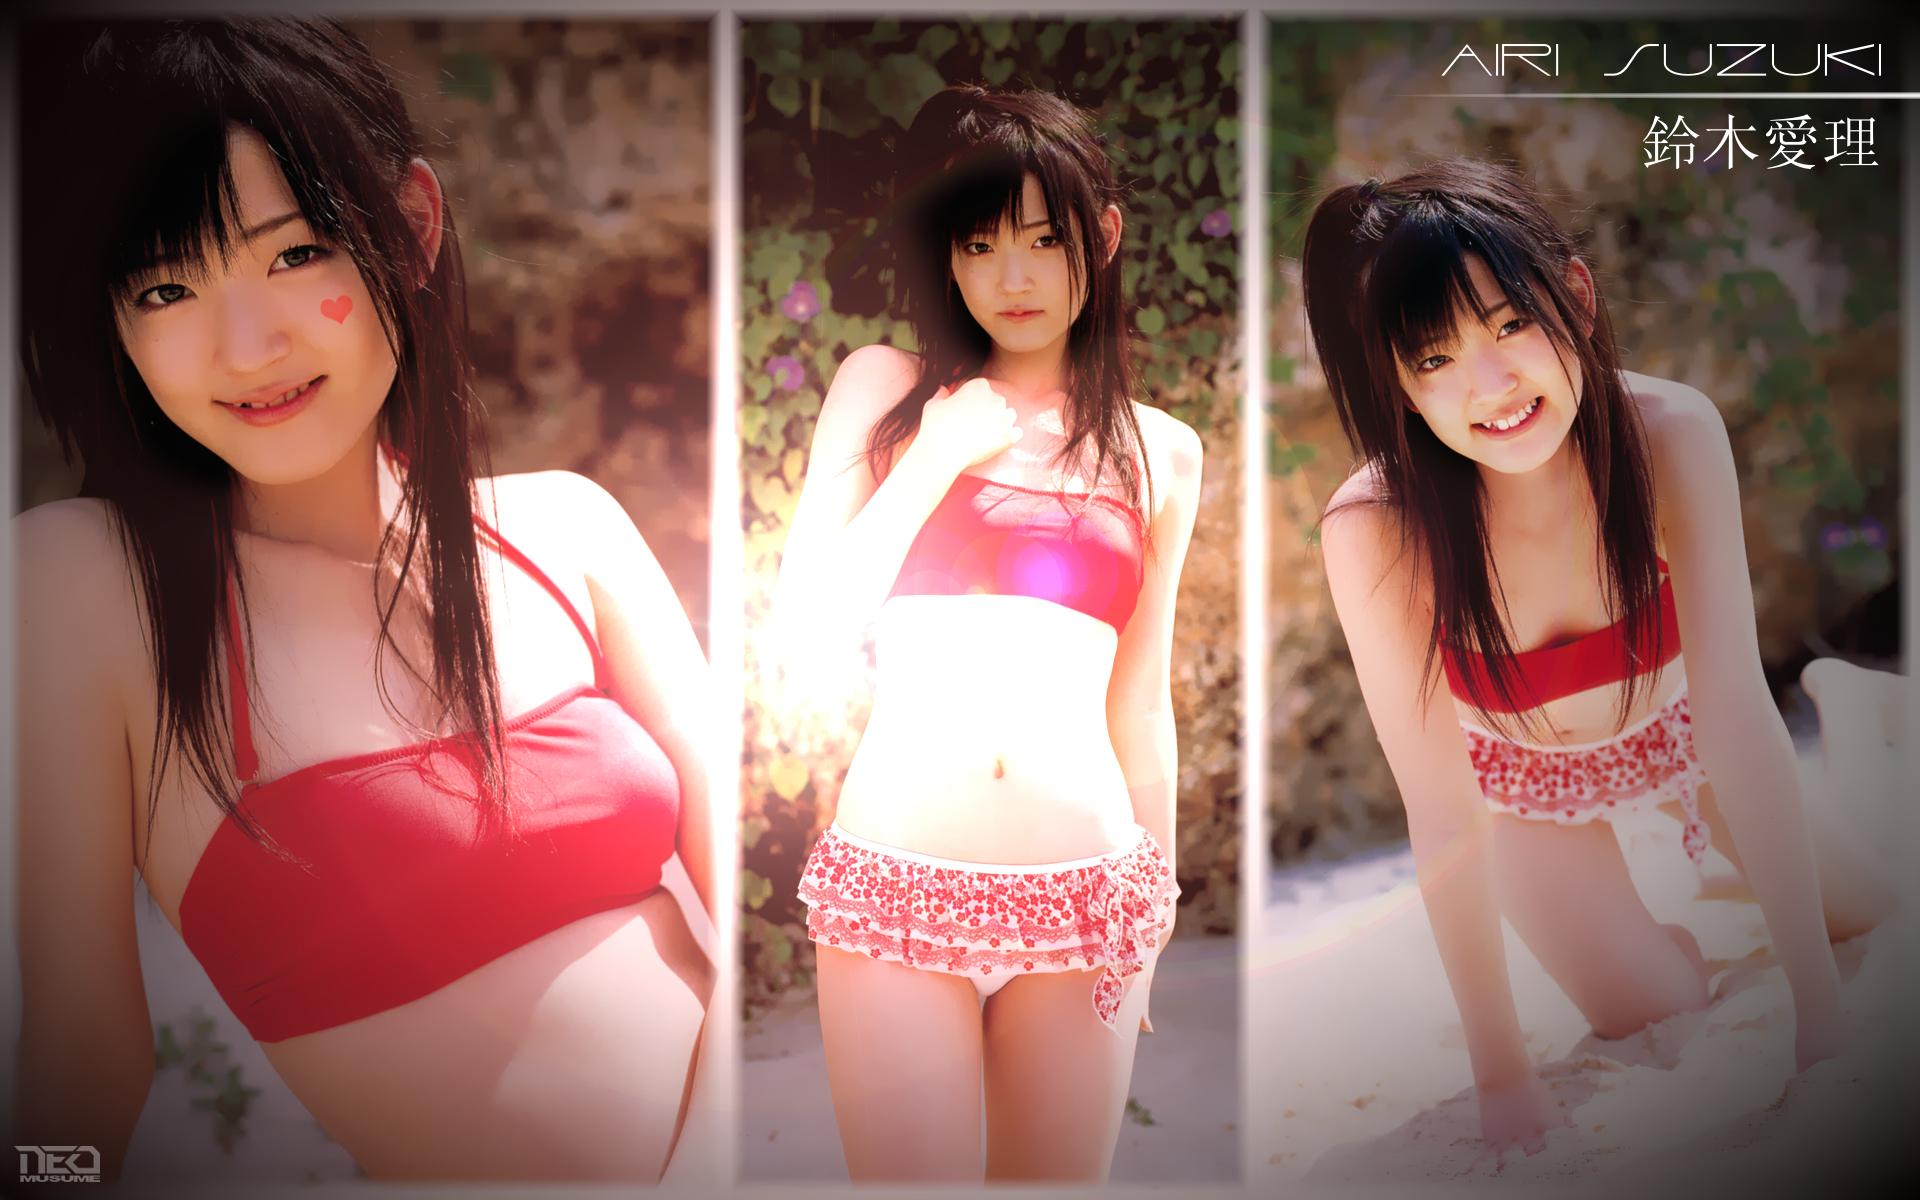 http://fc04.deviantart.net/fs71/f/2011/006/d/6/airi_suzuki_beautiful_by_neo_musume-d36j7d7.jpg